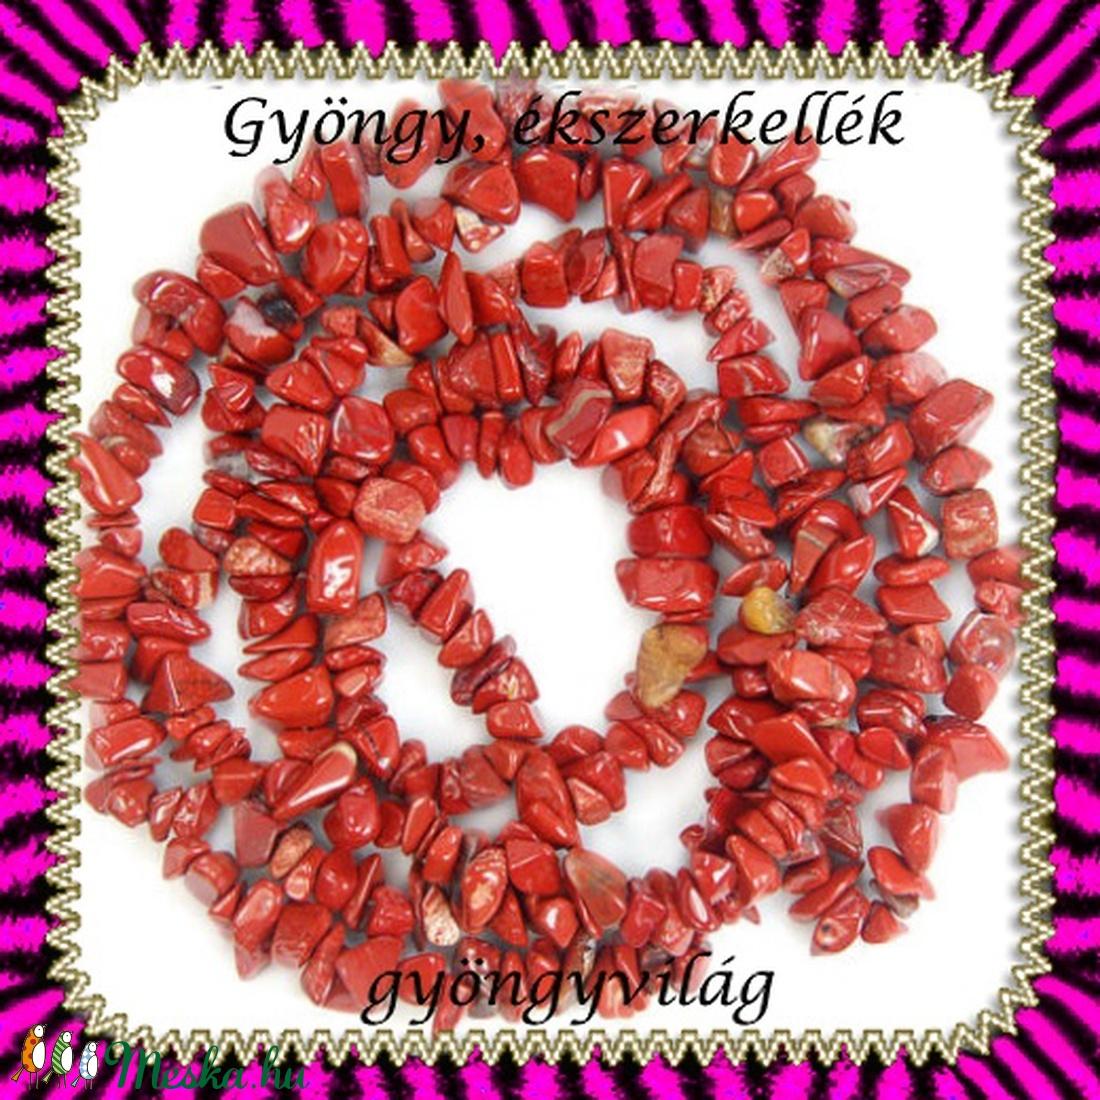 ásvány chips fűzér 6-10 mm-es  red jasper - gyöngy, ékszerkellék - egyéb alkatrész - Meska.hu